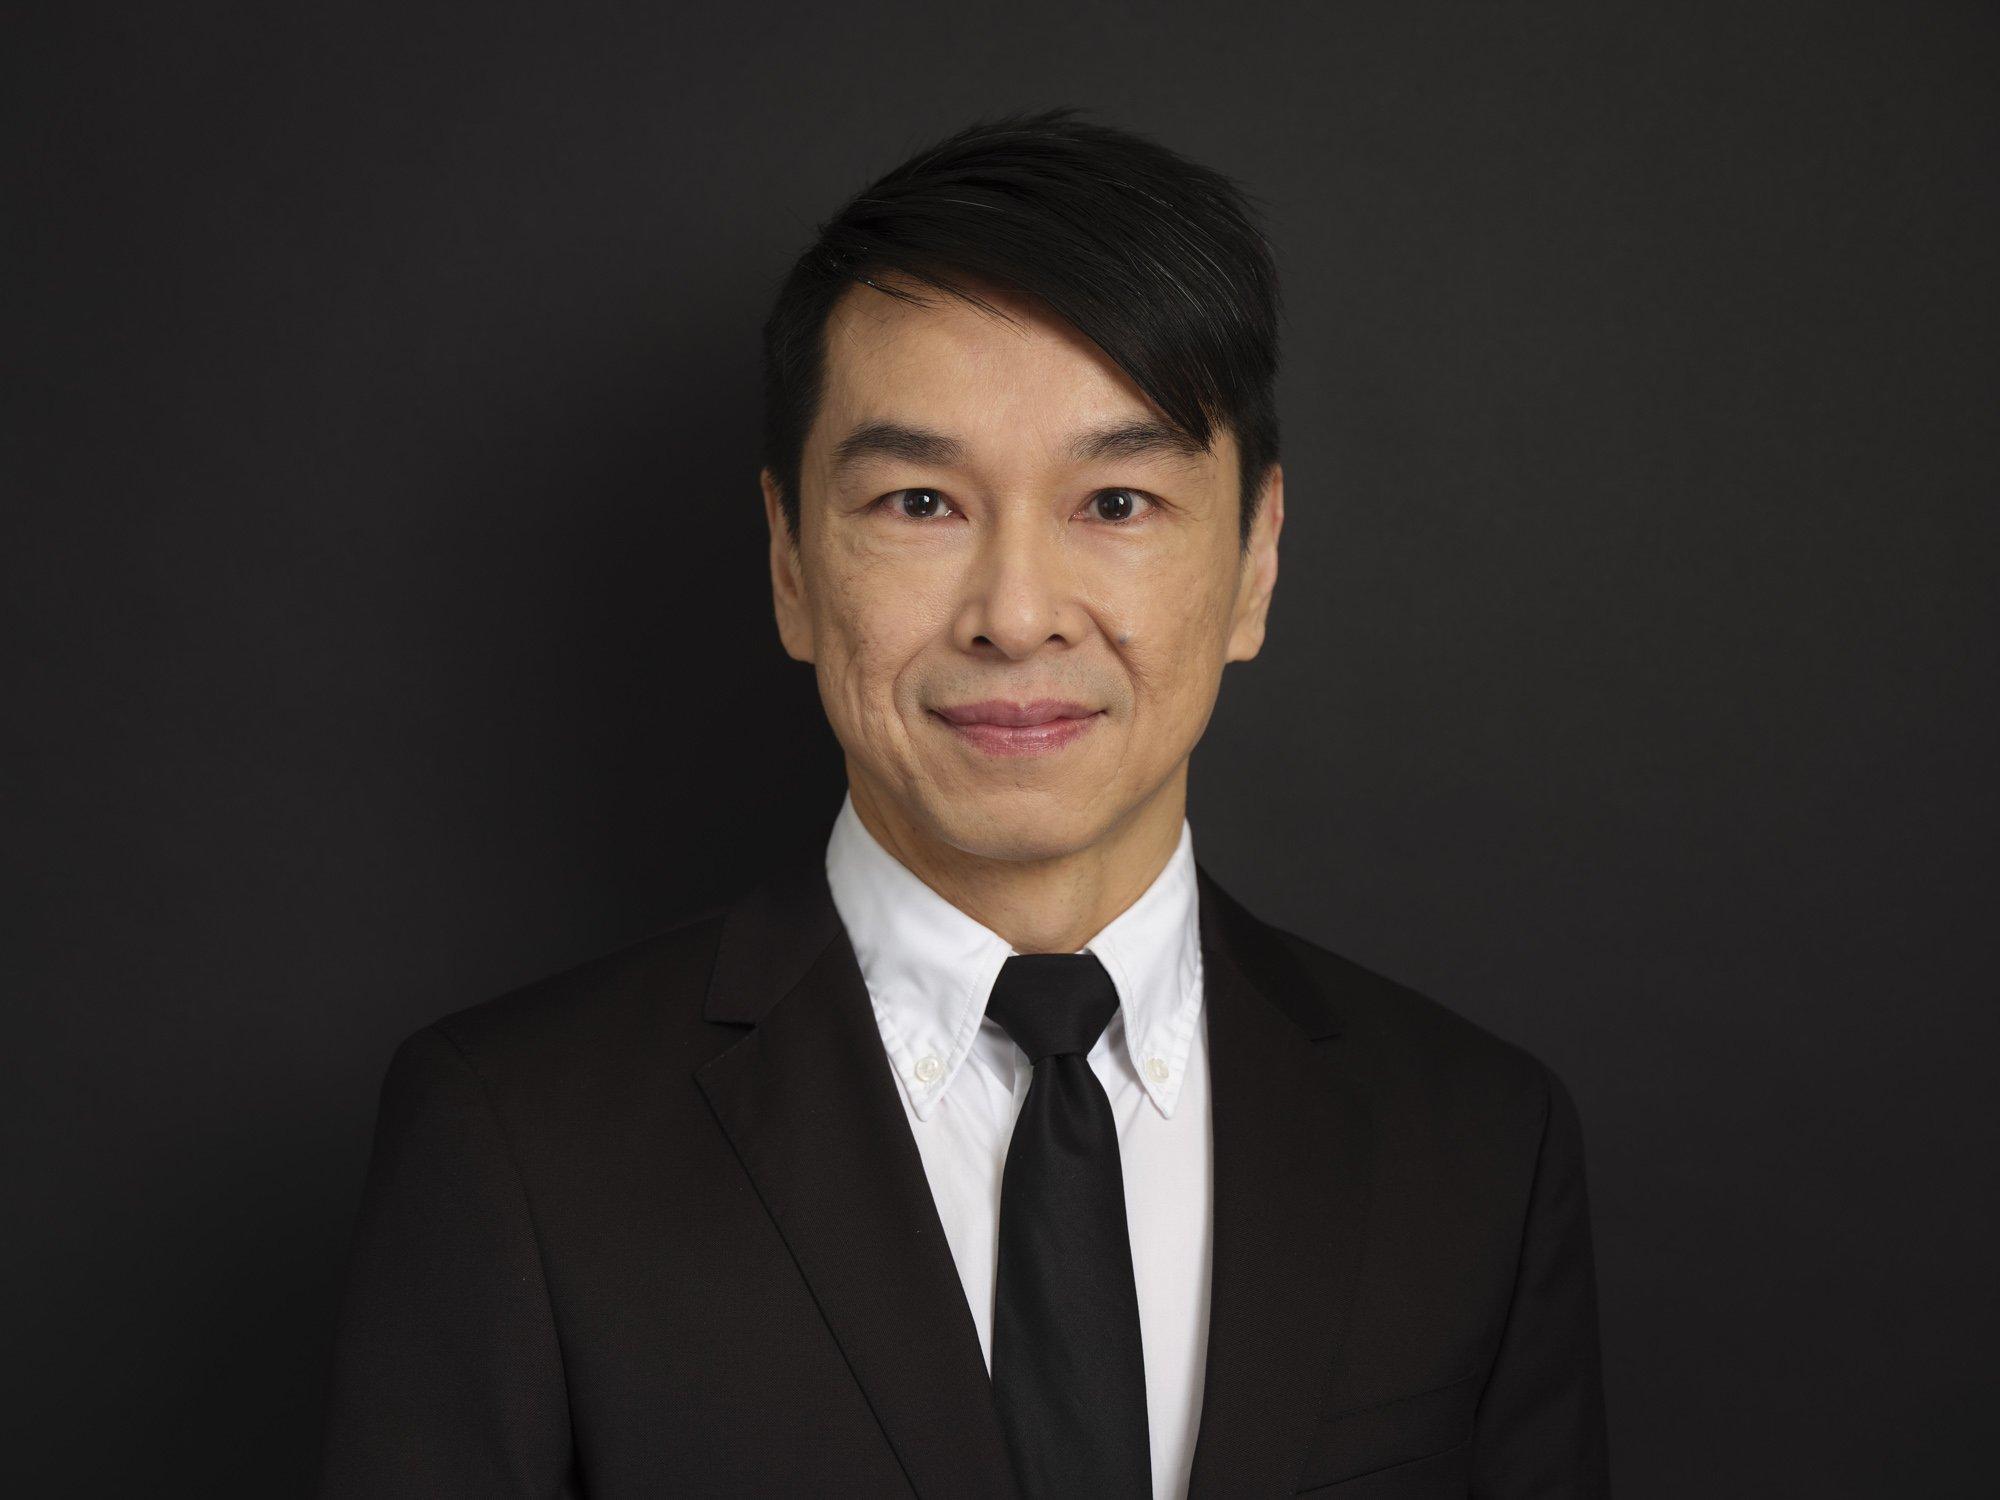 Headshot Session Portrait Photography Singapore Jose Jeuland 30